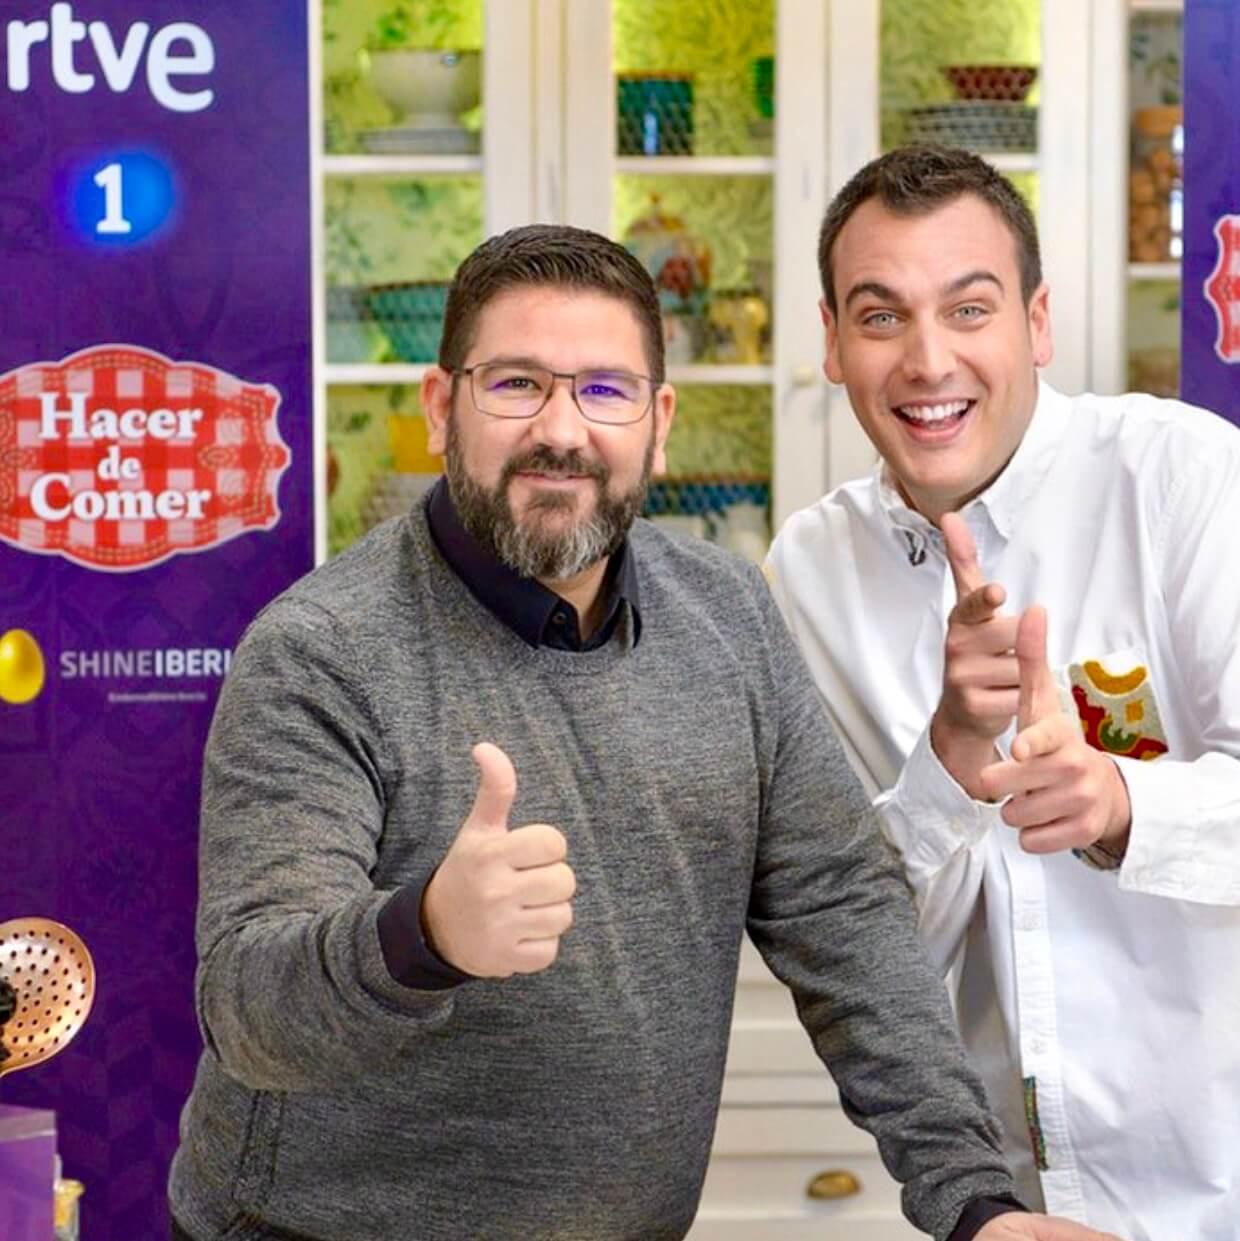 Dani Garcia Chef en TVE1